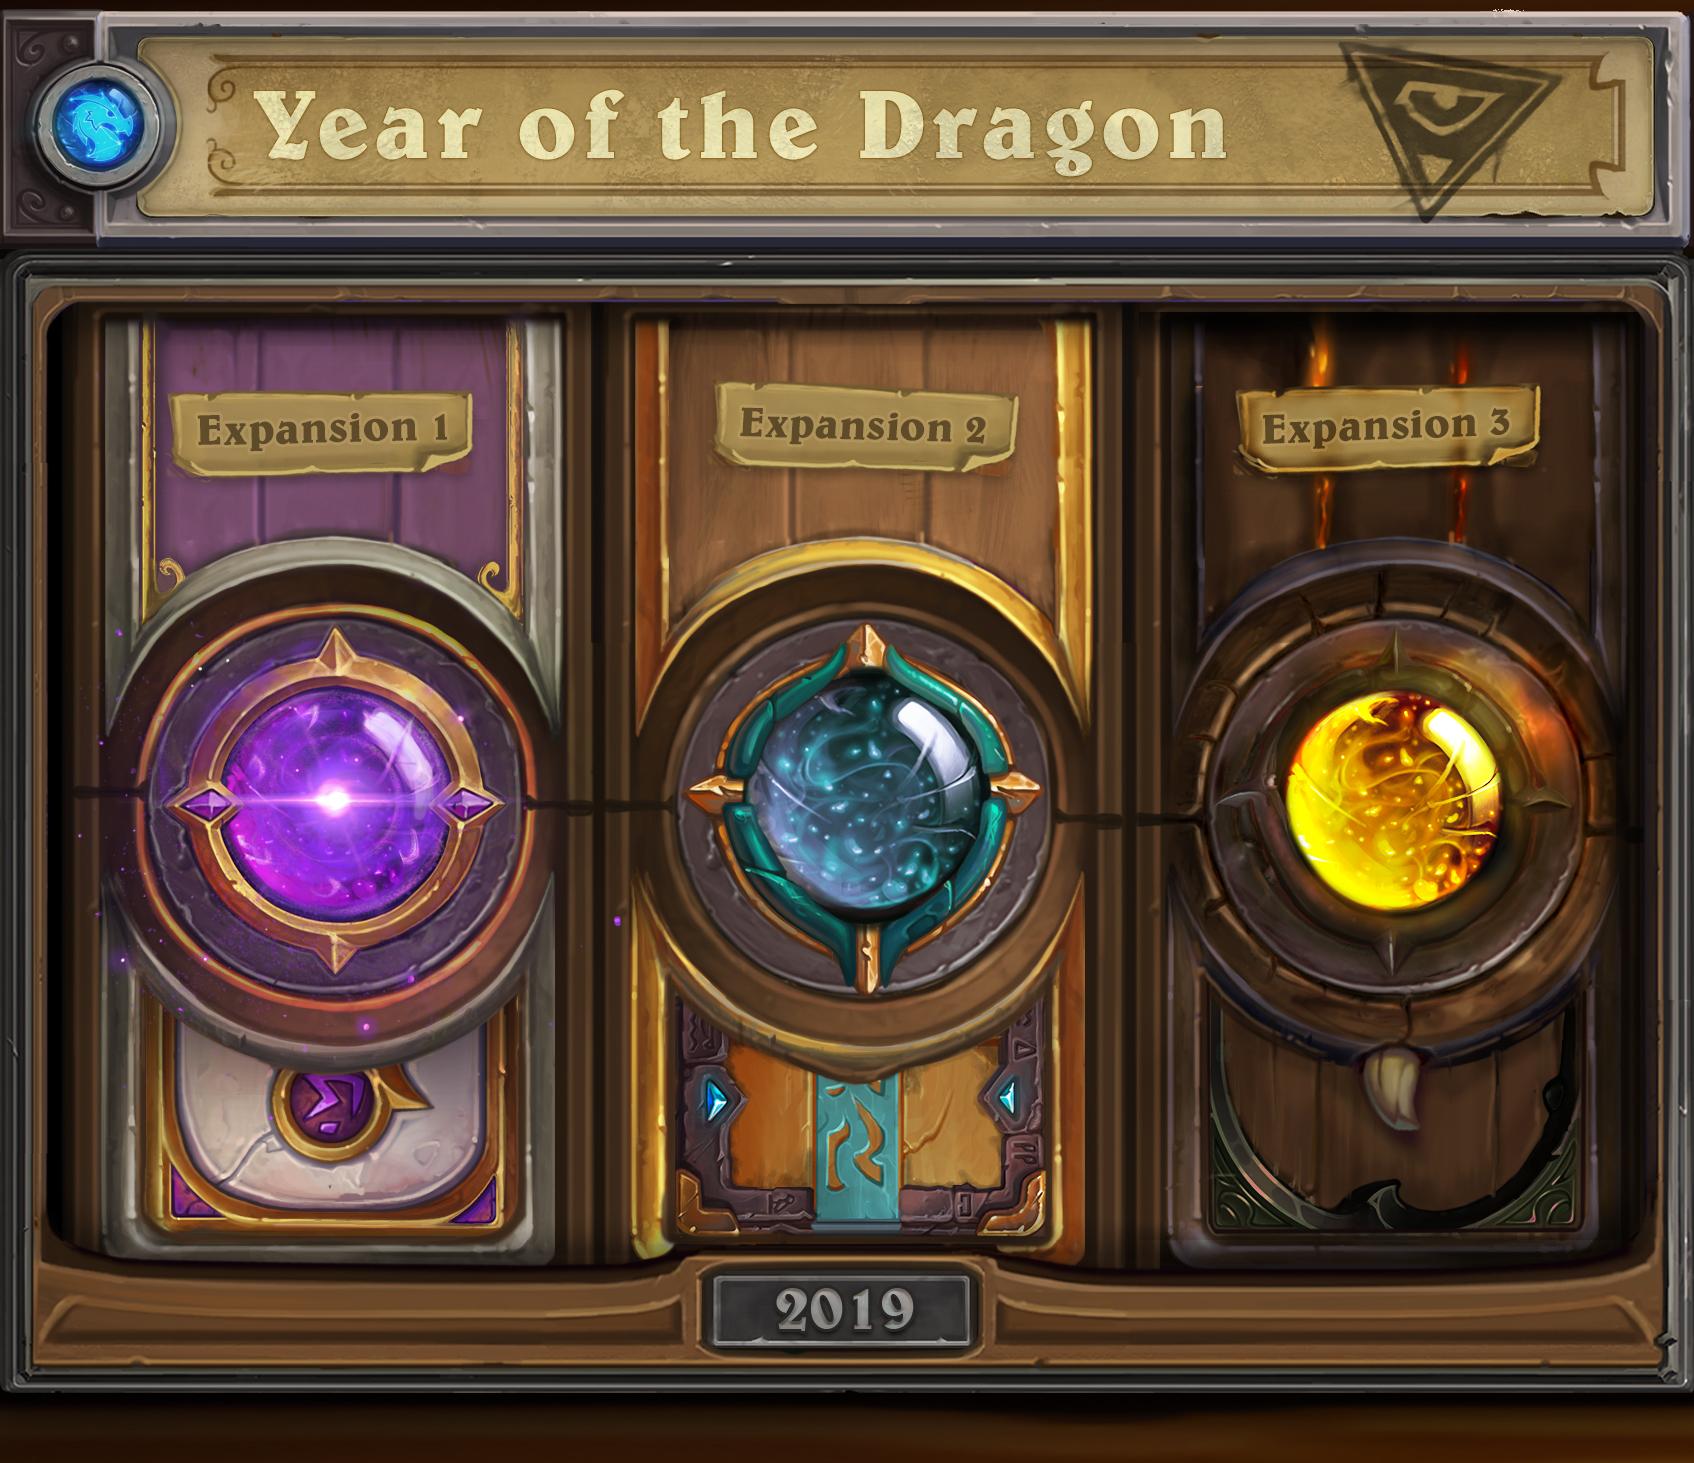 Les trois extensions de l'année du Dragon sont liées par un arc narratif